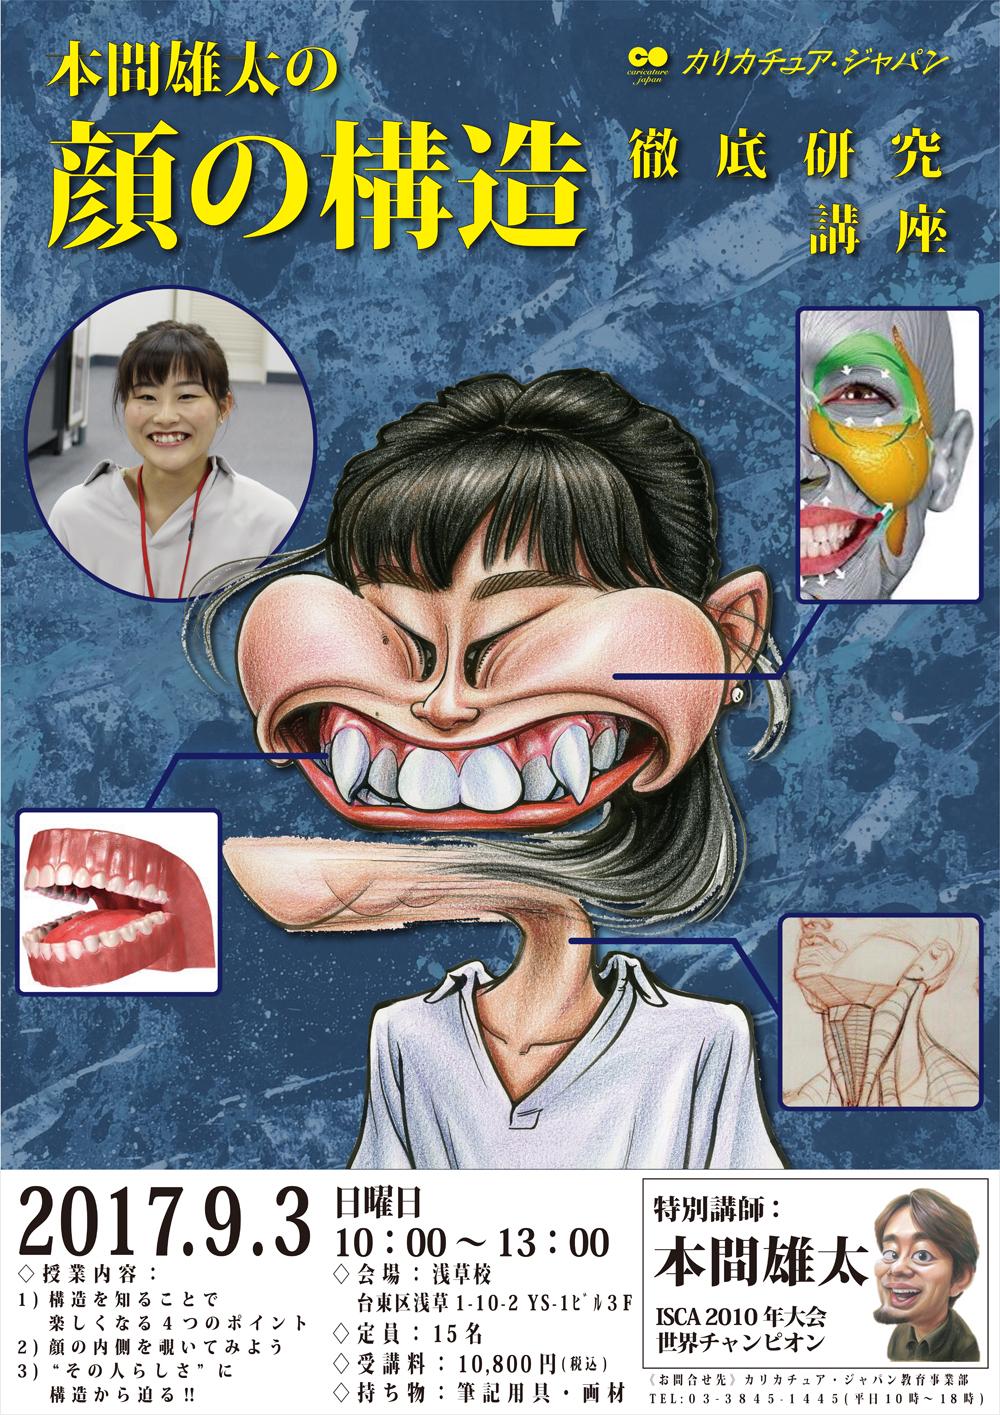 2017.9.3明朝画像差し替え